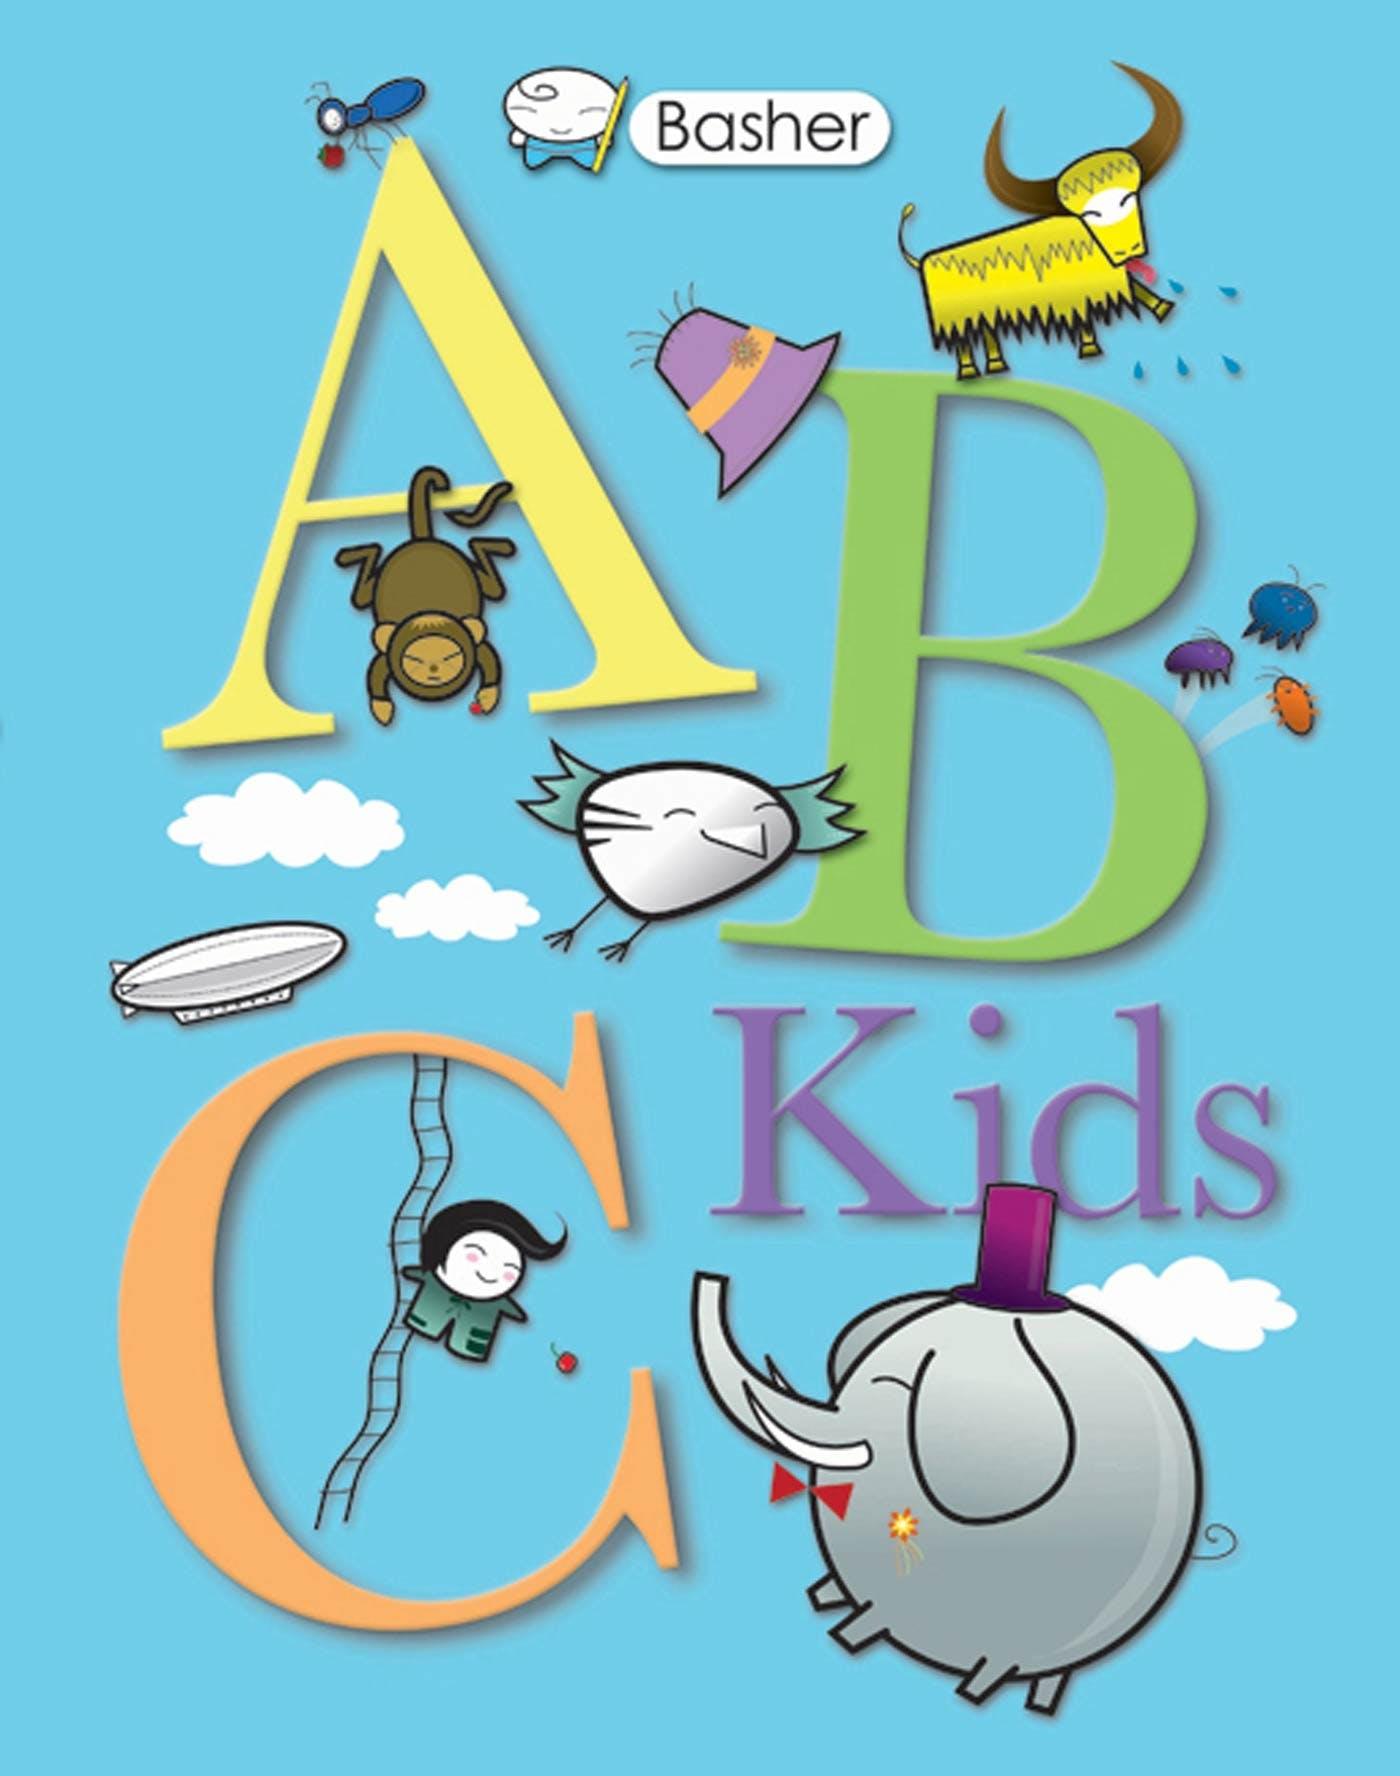 Image of Basher: ABC Kids